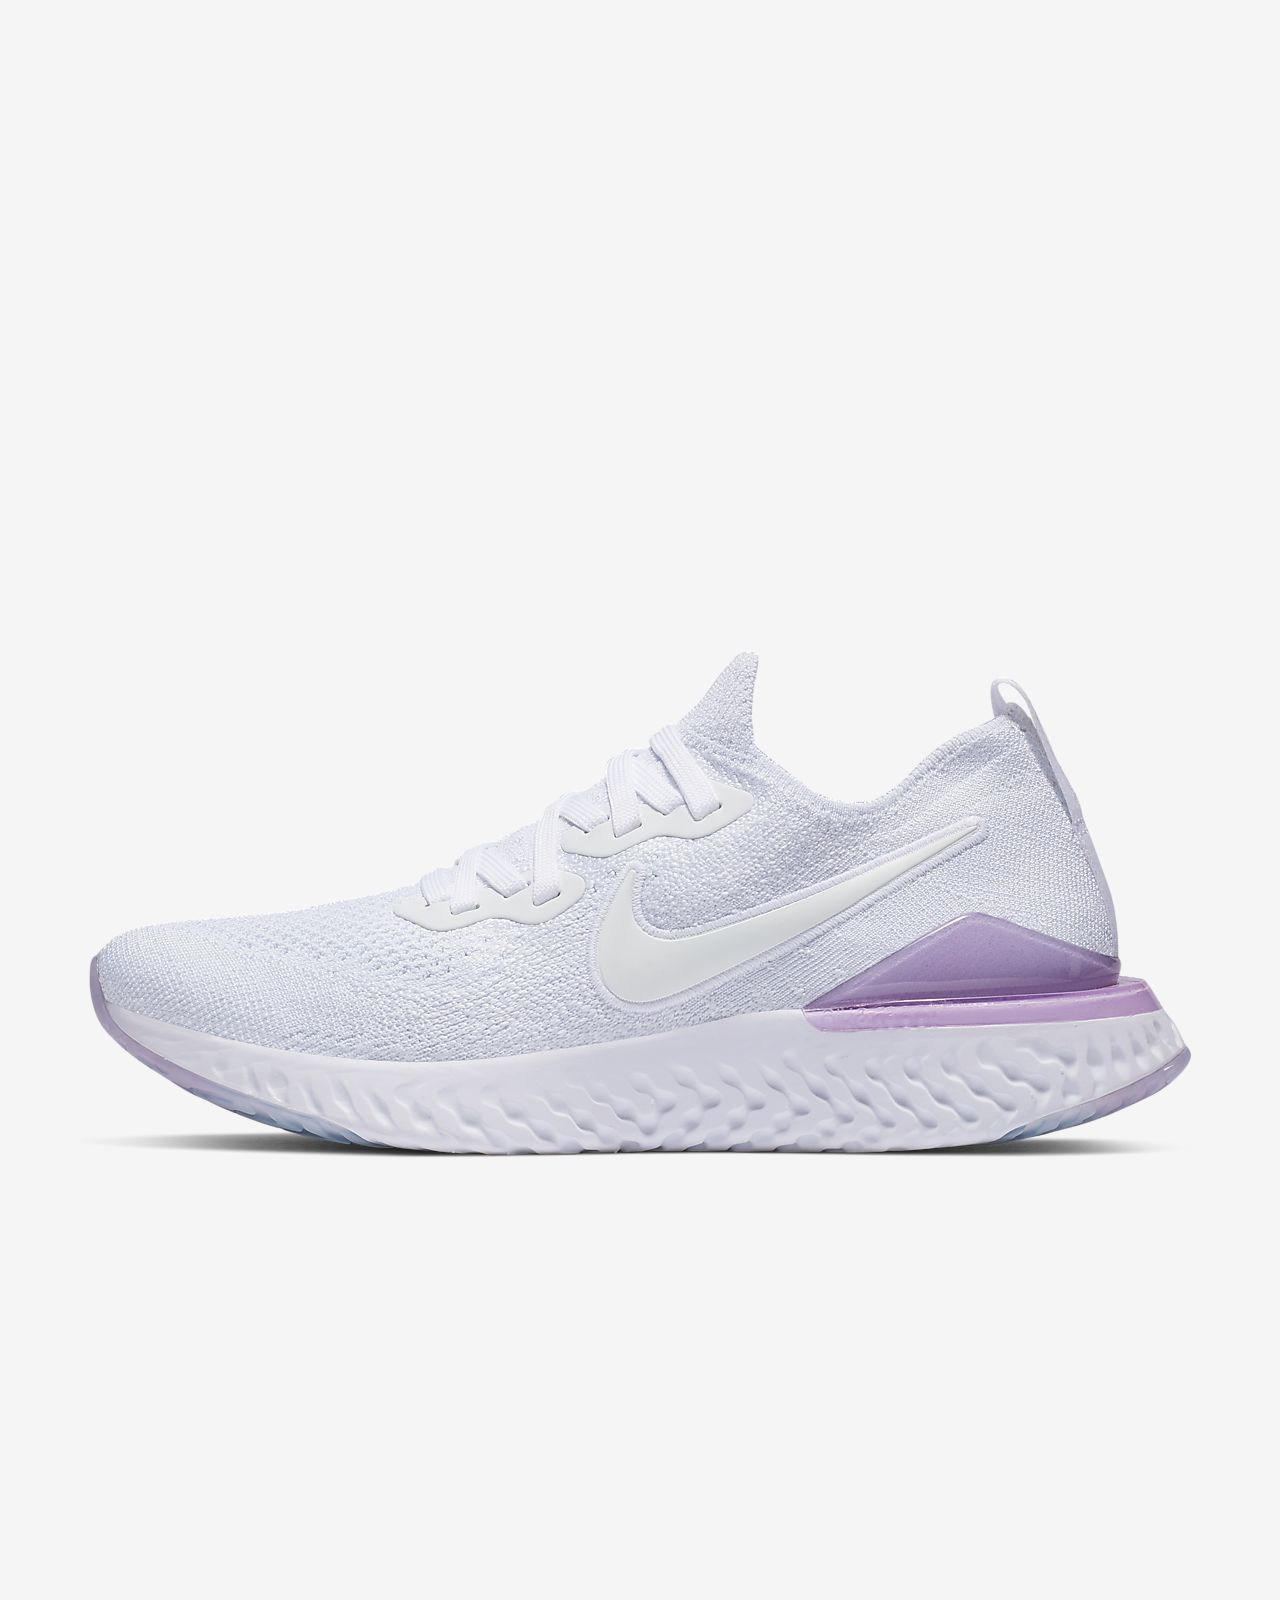 info for 0fbf1 b633b ... Damskie buty do biegania Nike Epic React Flyknit 2